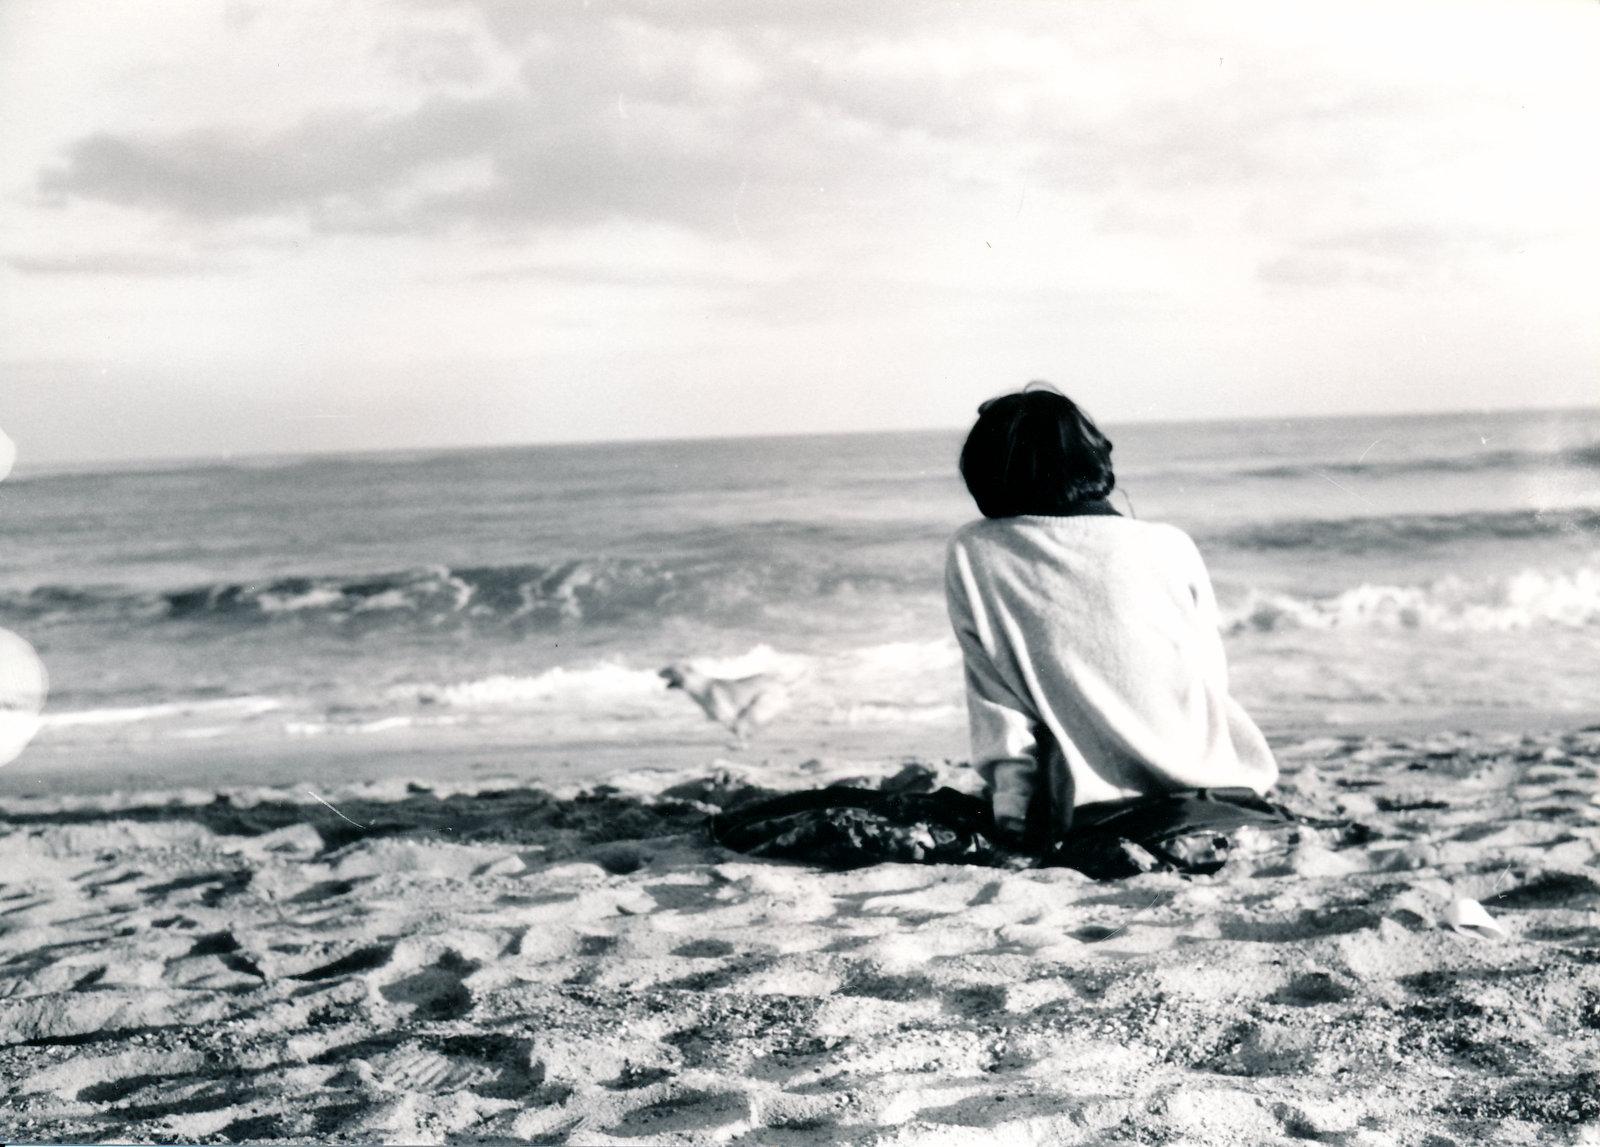 beach-1-living-paintings.org